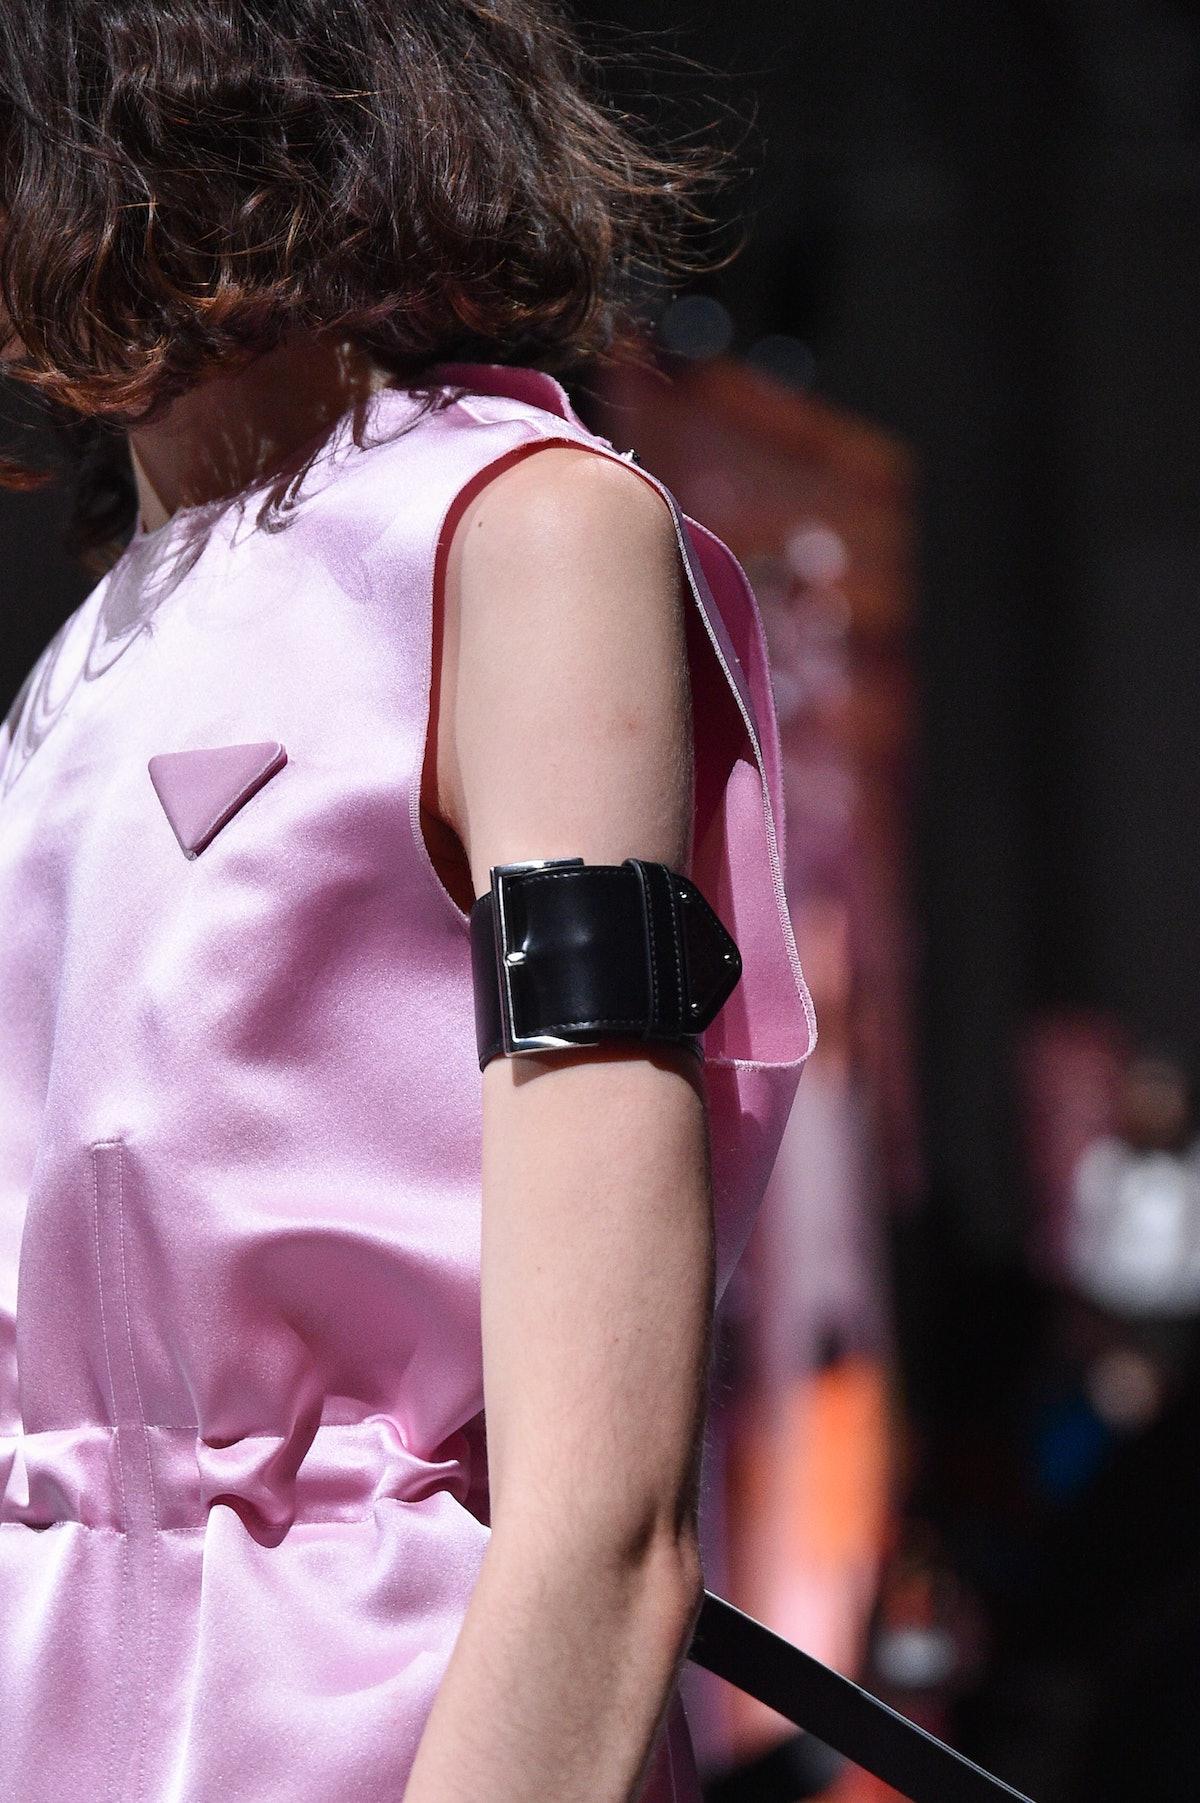 میلان ، ایتالیا - 24 سپتامبر: یک مدل ، جزئیات مد ، روی باند فرودگاه Prada Womenswear Sprin پیاده روی می کند ...